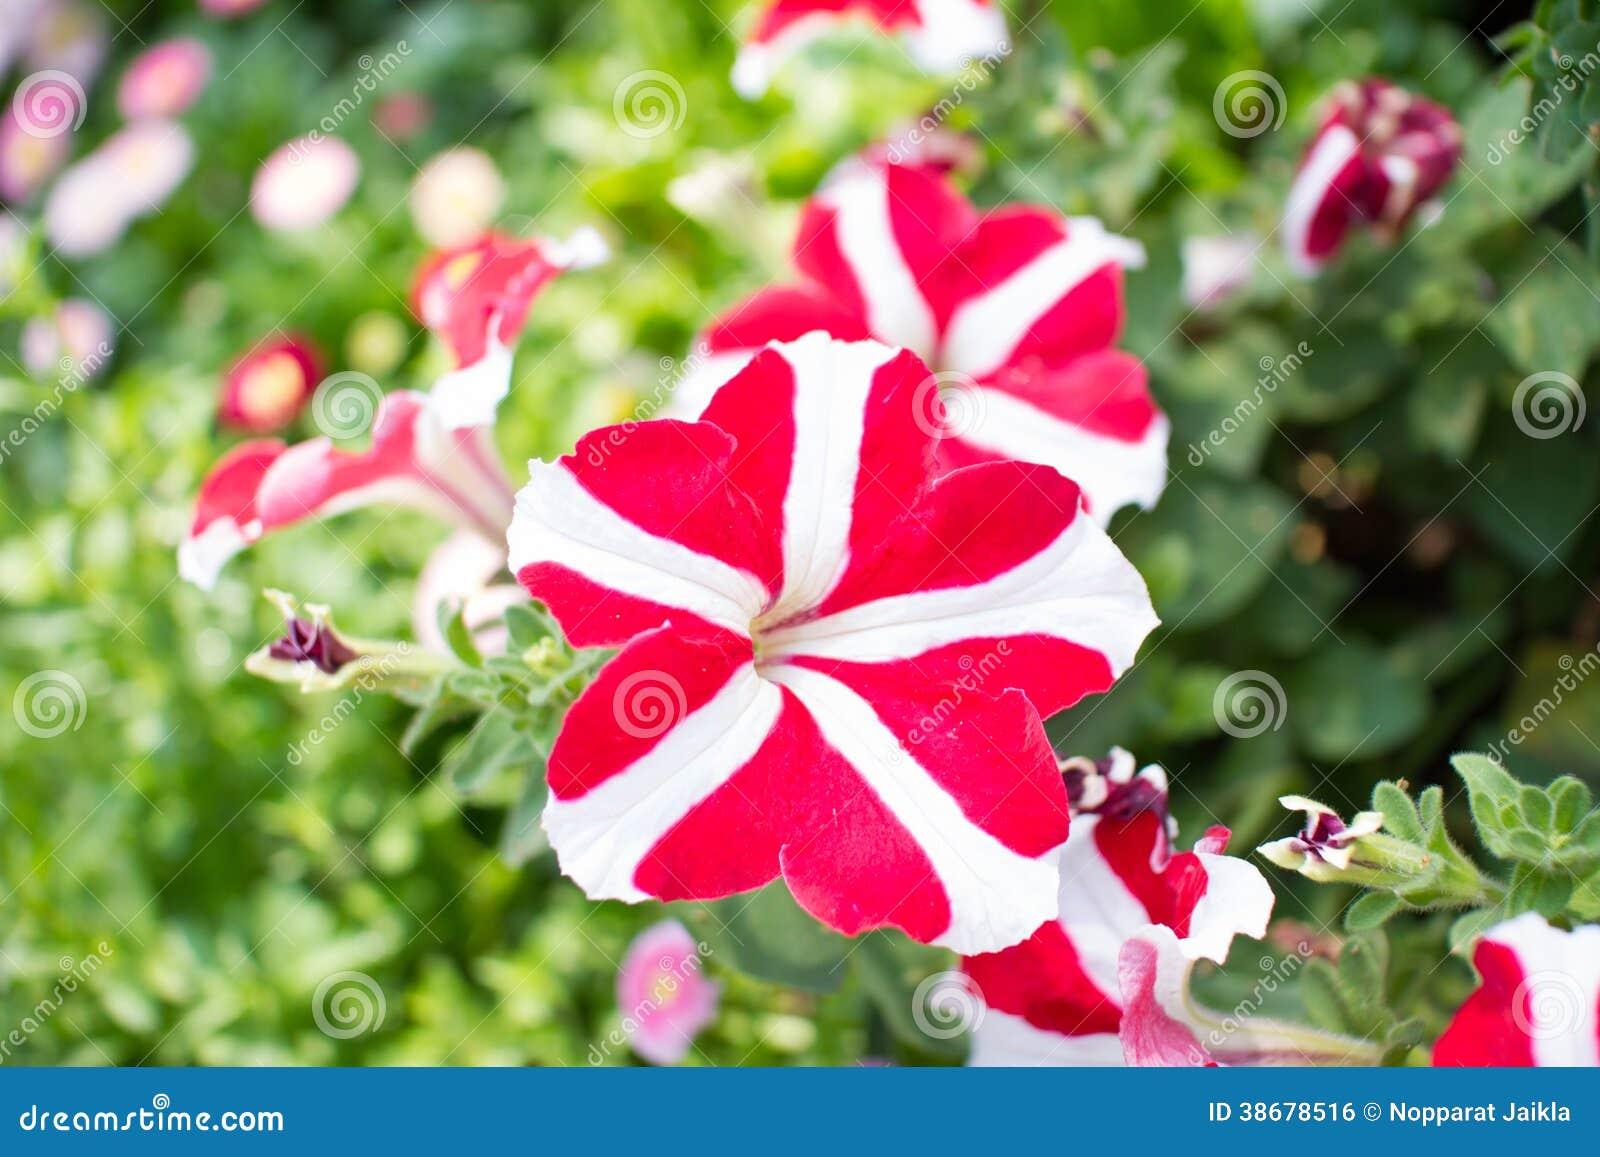 Flores Raras Foto De Stock Imagem De Flor Planta Candid 38678516